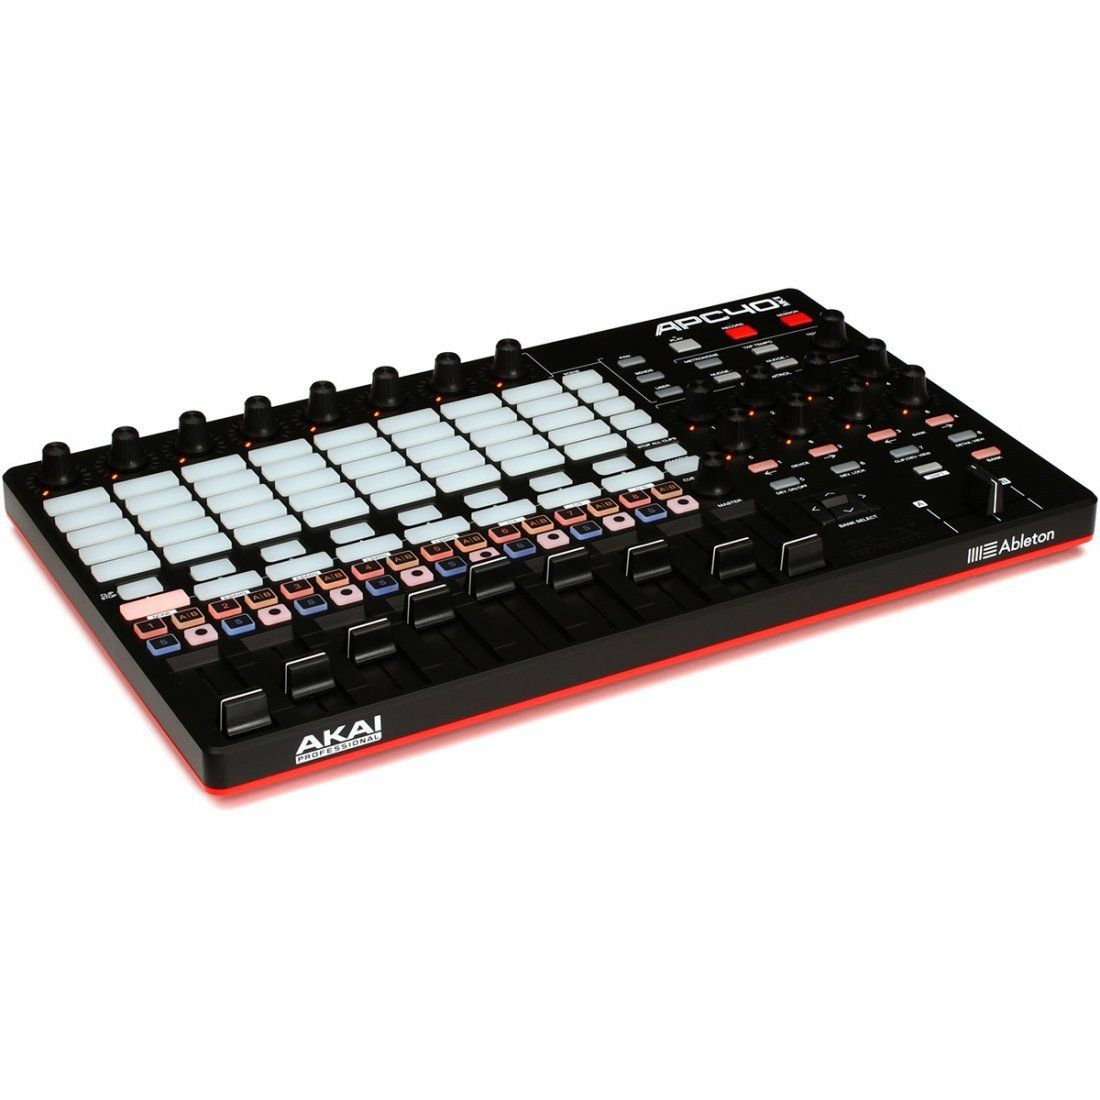 AKAI APC40 MKII Controladora APC 40 5x8 Pads 9 Faders Produção Musical Ableton Live